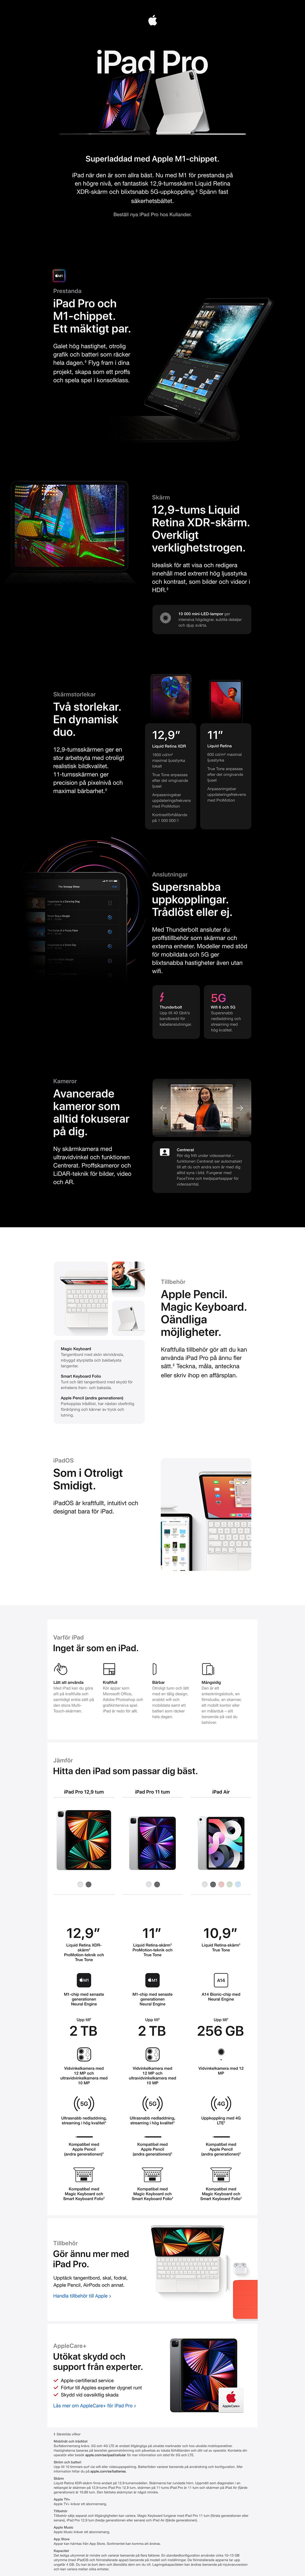 iPad Pro Early 21